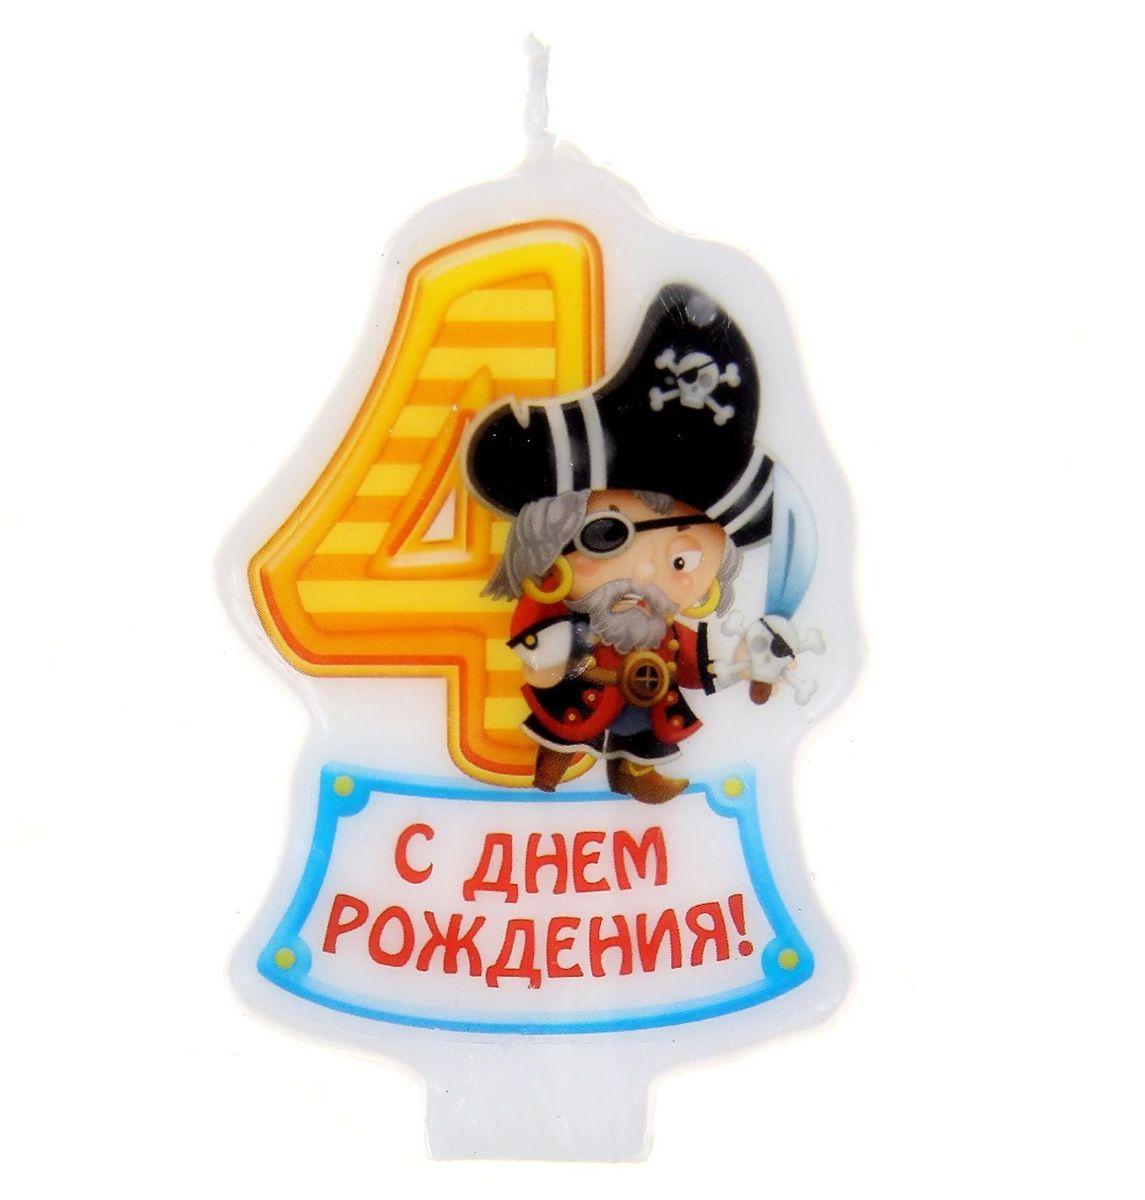 Sima-land Свеча в торт серия Пираты цифра 4, 4,8 х 7,3 см 10564471056447В День Рождения порой случаются настоящие чудеса, ведь это особенный праздник. Сделать его ярким и запоминающимся помогут волшебные свечи для именинного торта, задувая которые вы приближаете исполнение заветной мечты.